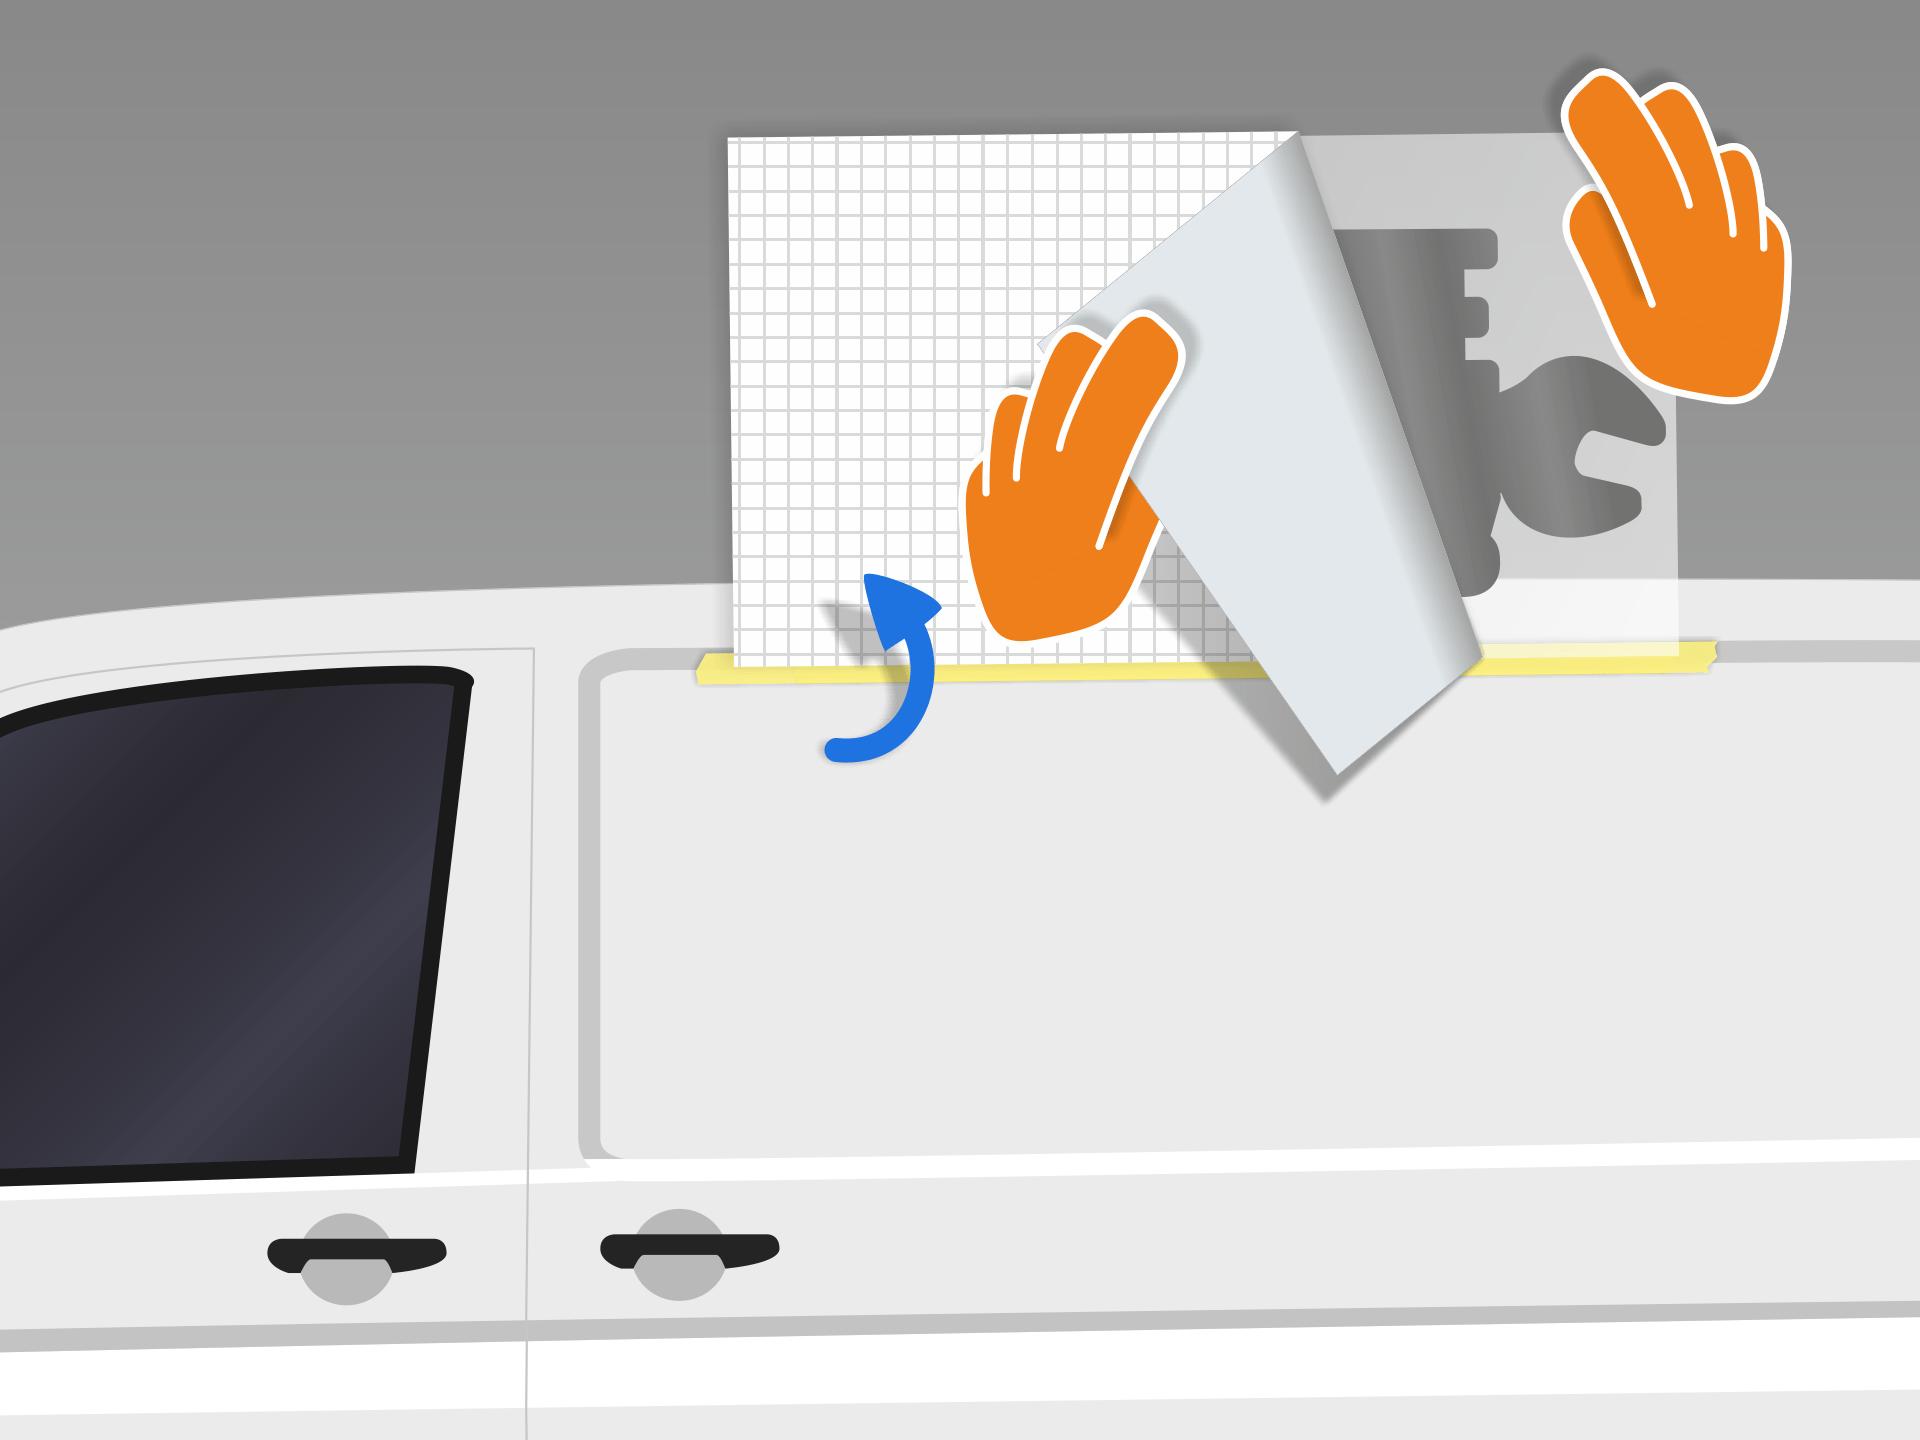 Aufkleber nach oben umklappen um das rückseitige Trägerpapier vorsichtig abzuziehen. Vorsicht: Das Folienmotiv muss dabei vollständig an der Übertragungsfolie haften bleiben.